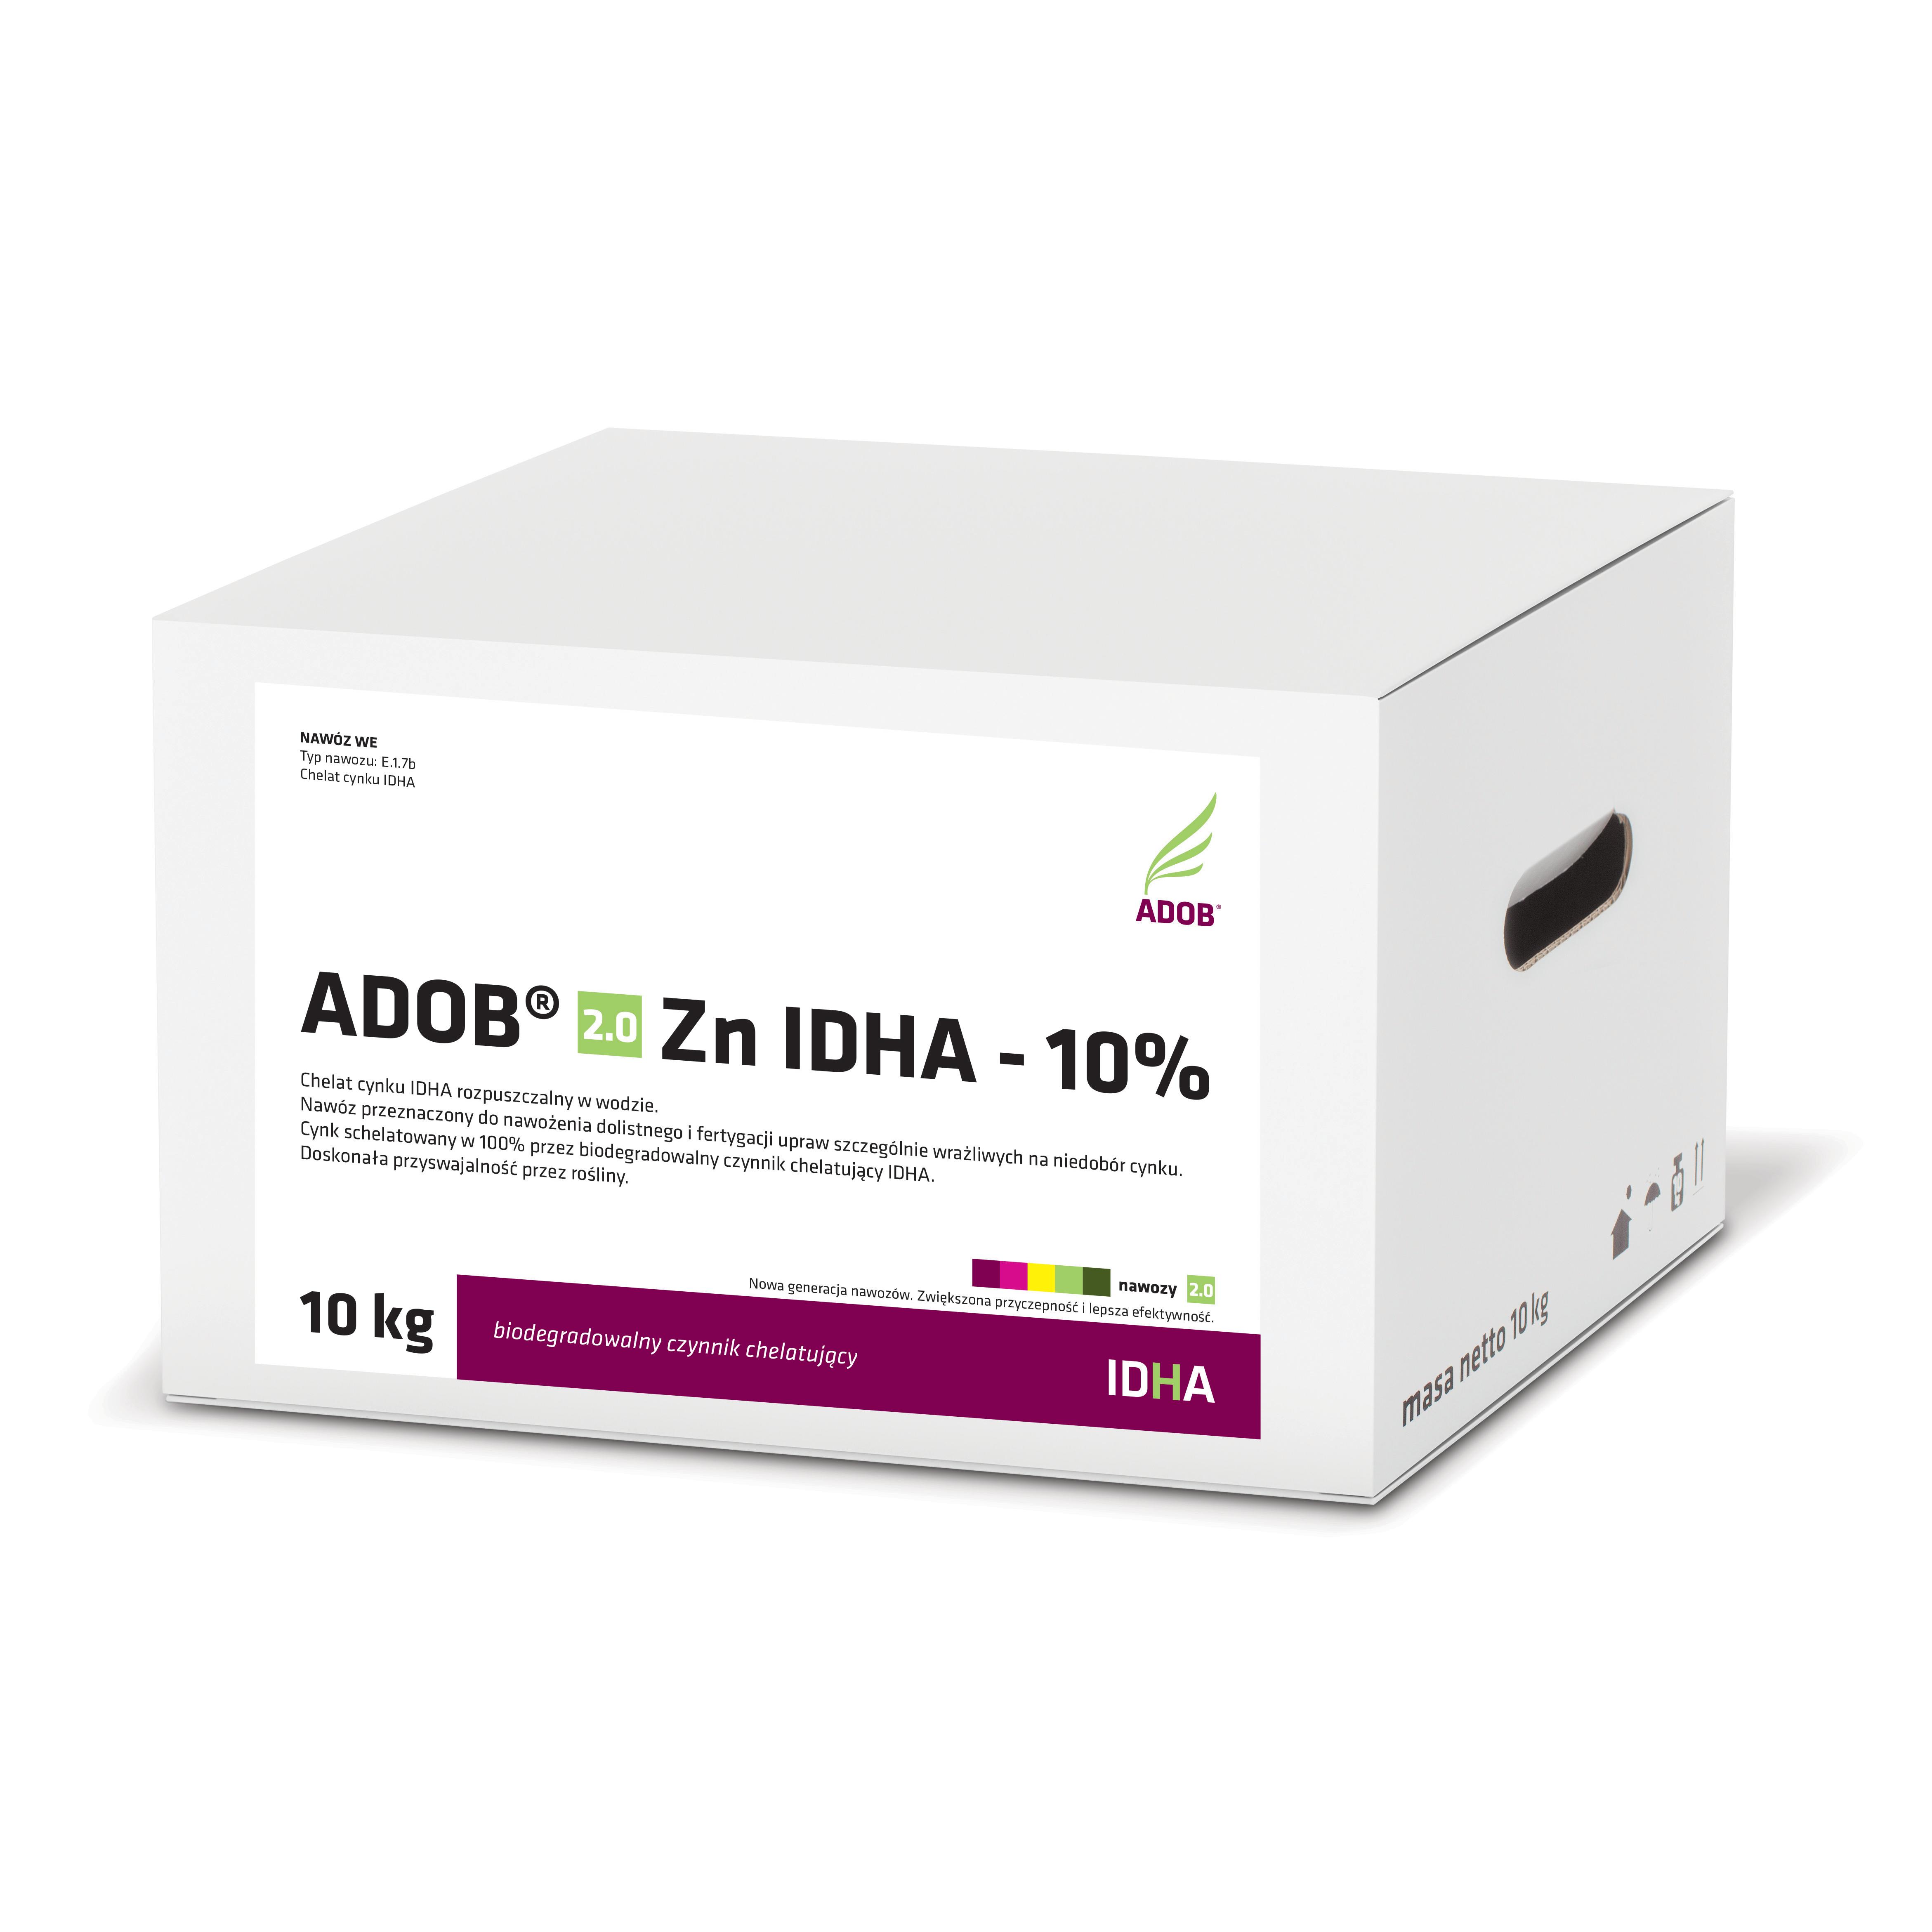 ADOB 2.0 Zn IDHA – 10%